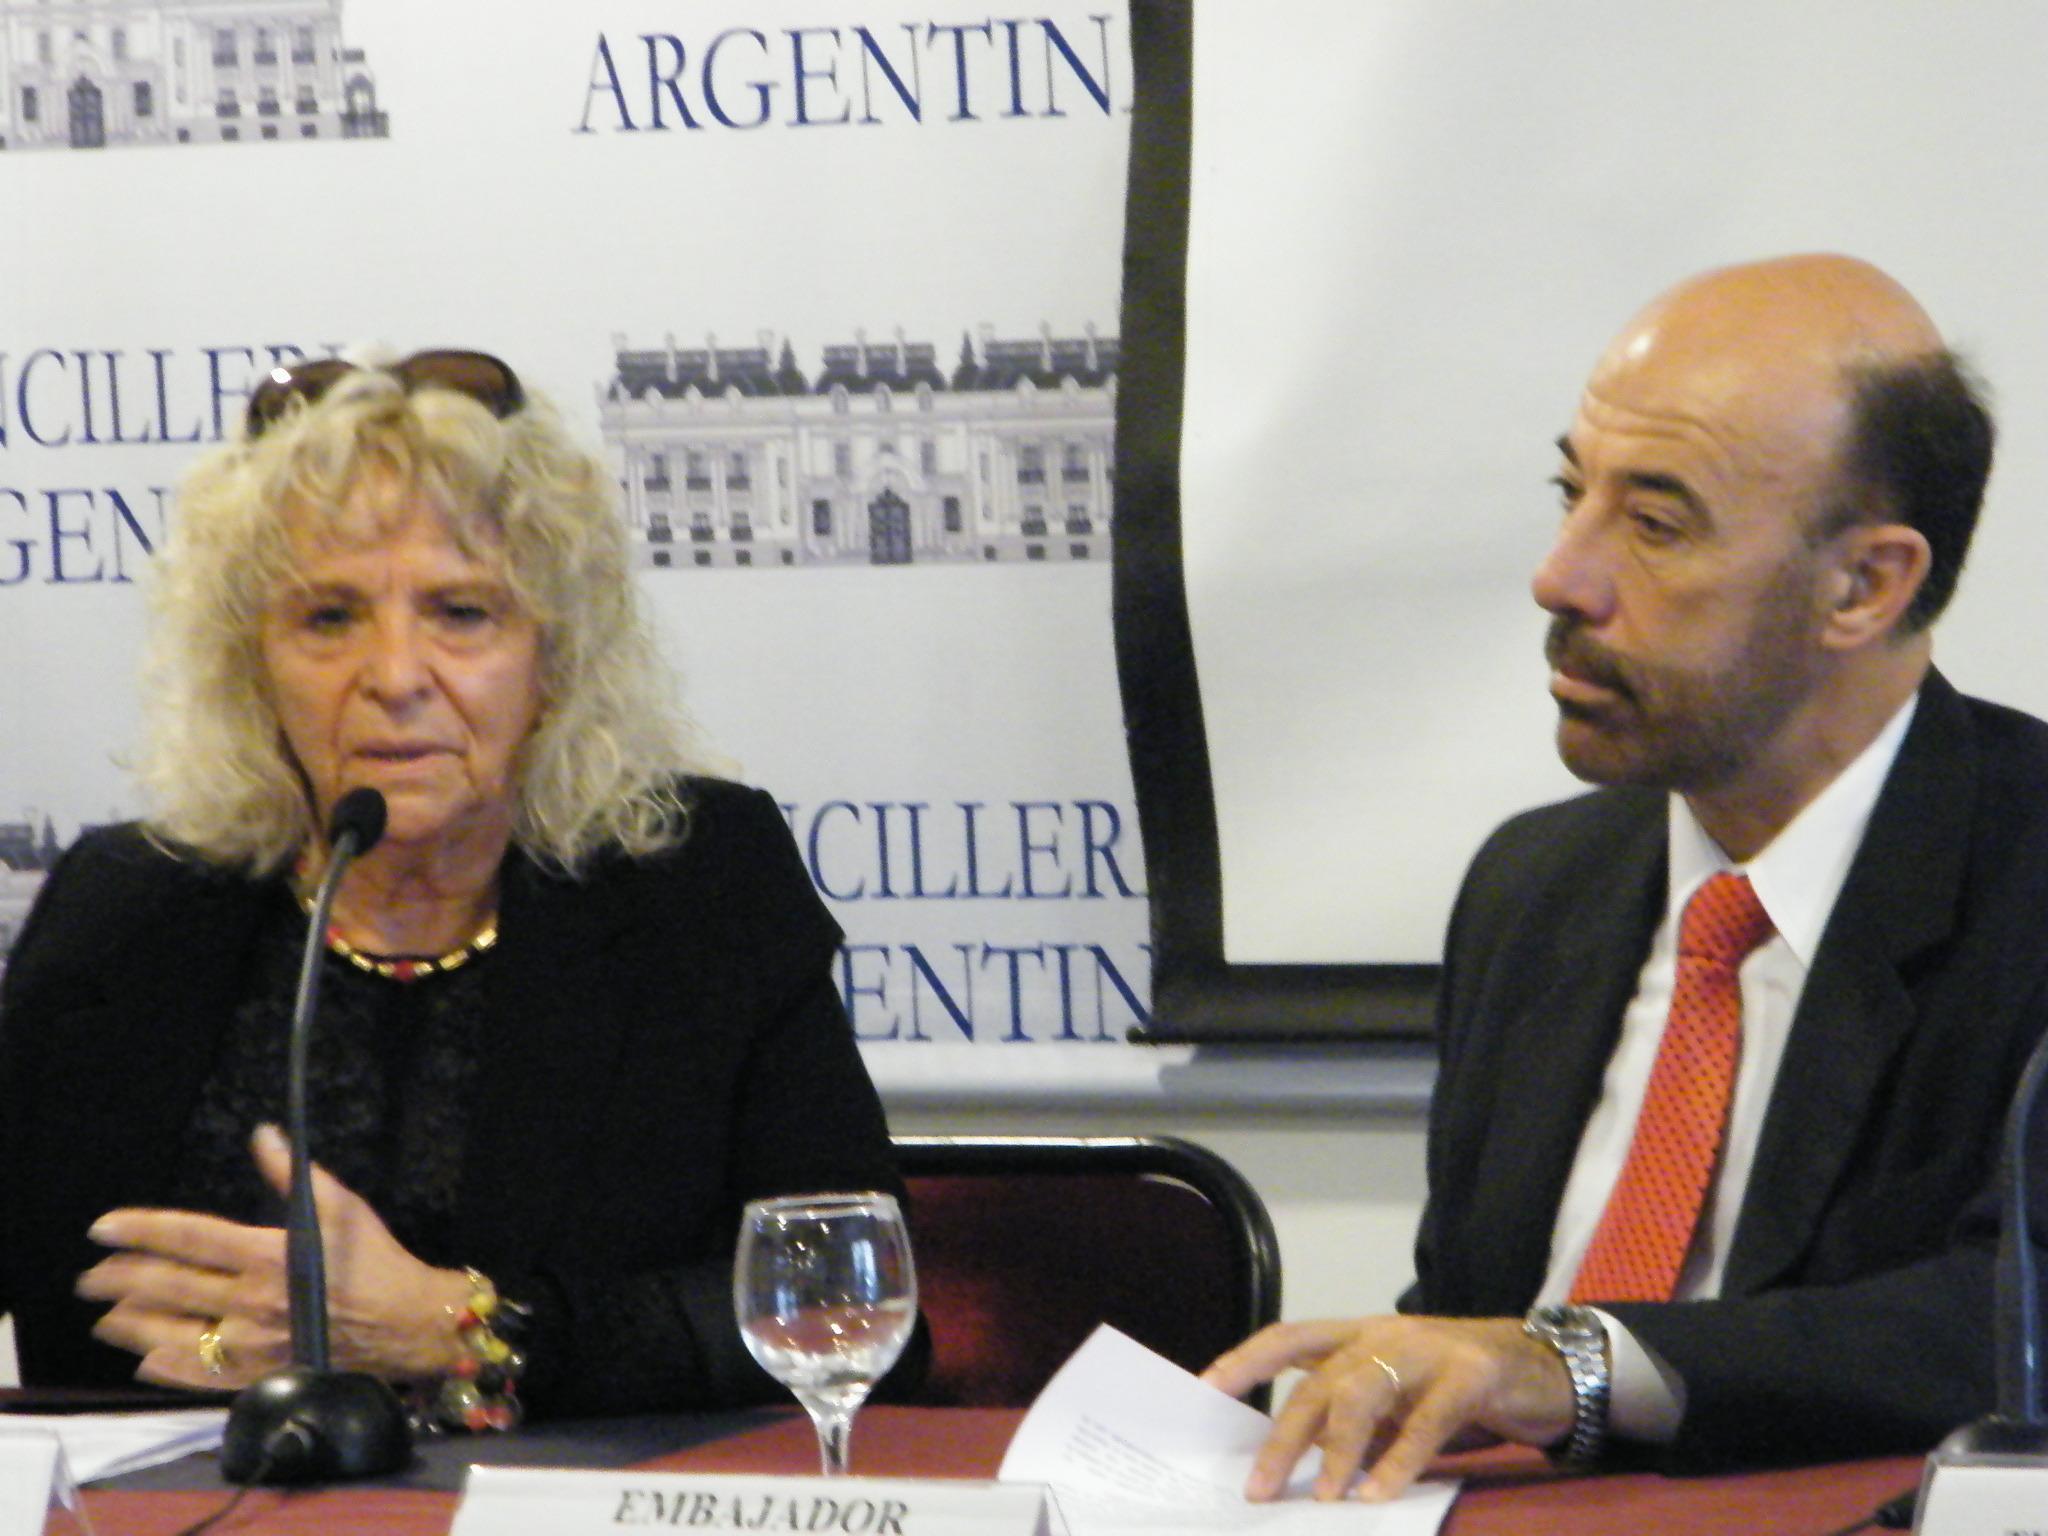 Inició la jornada con la resencia del Embajador, quien se retiró después de las primeras presentaciones.